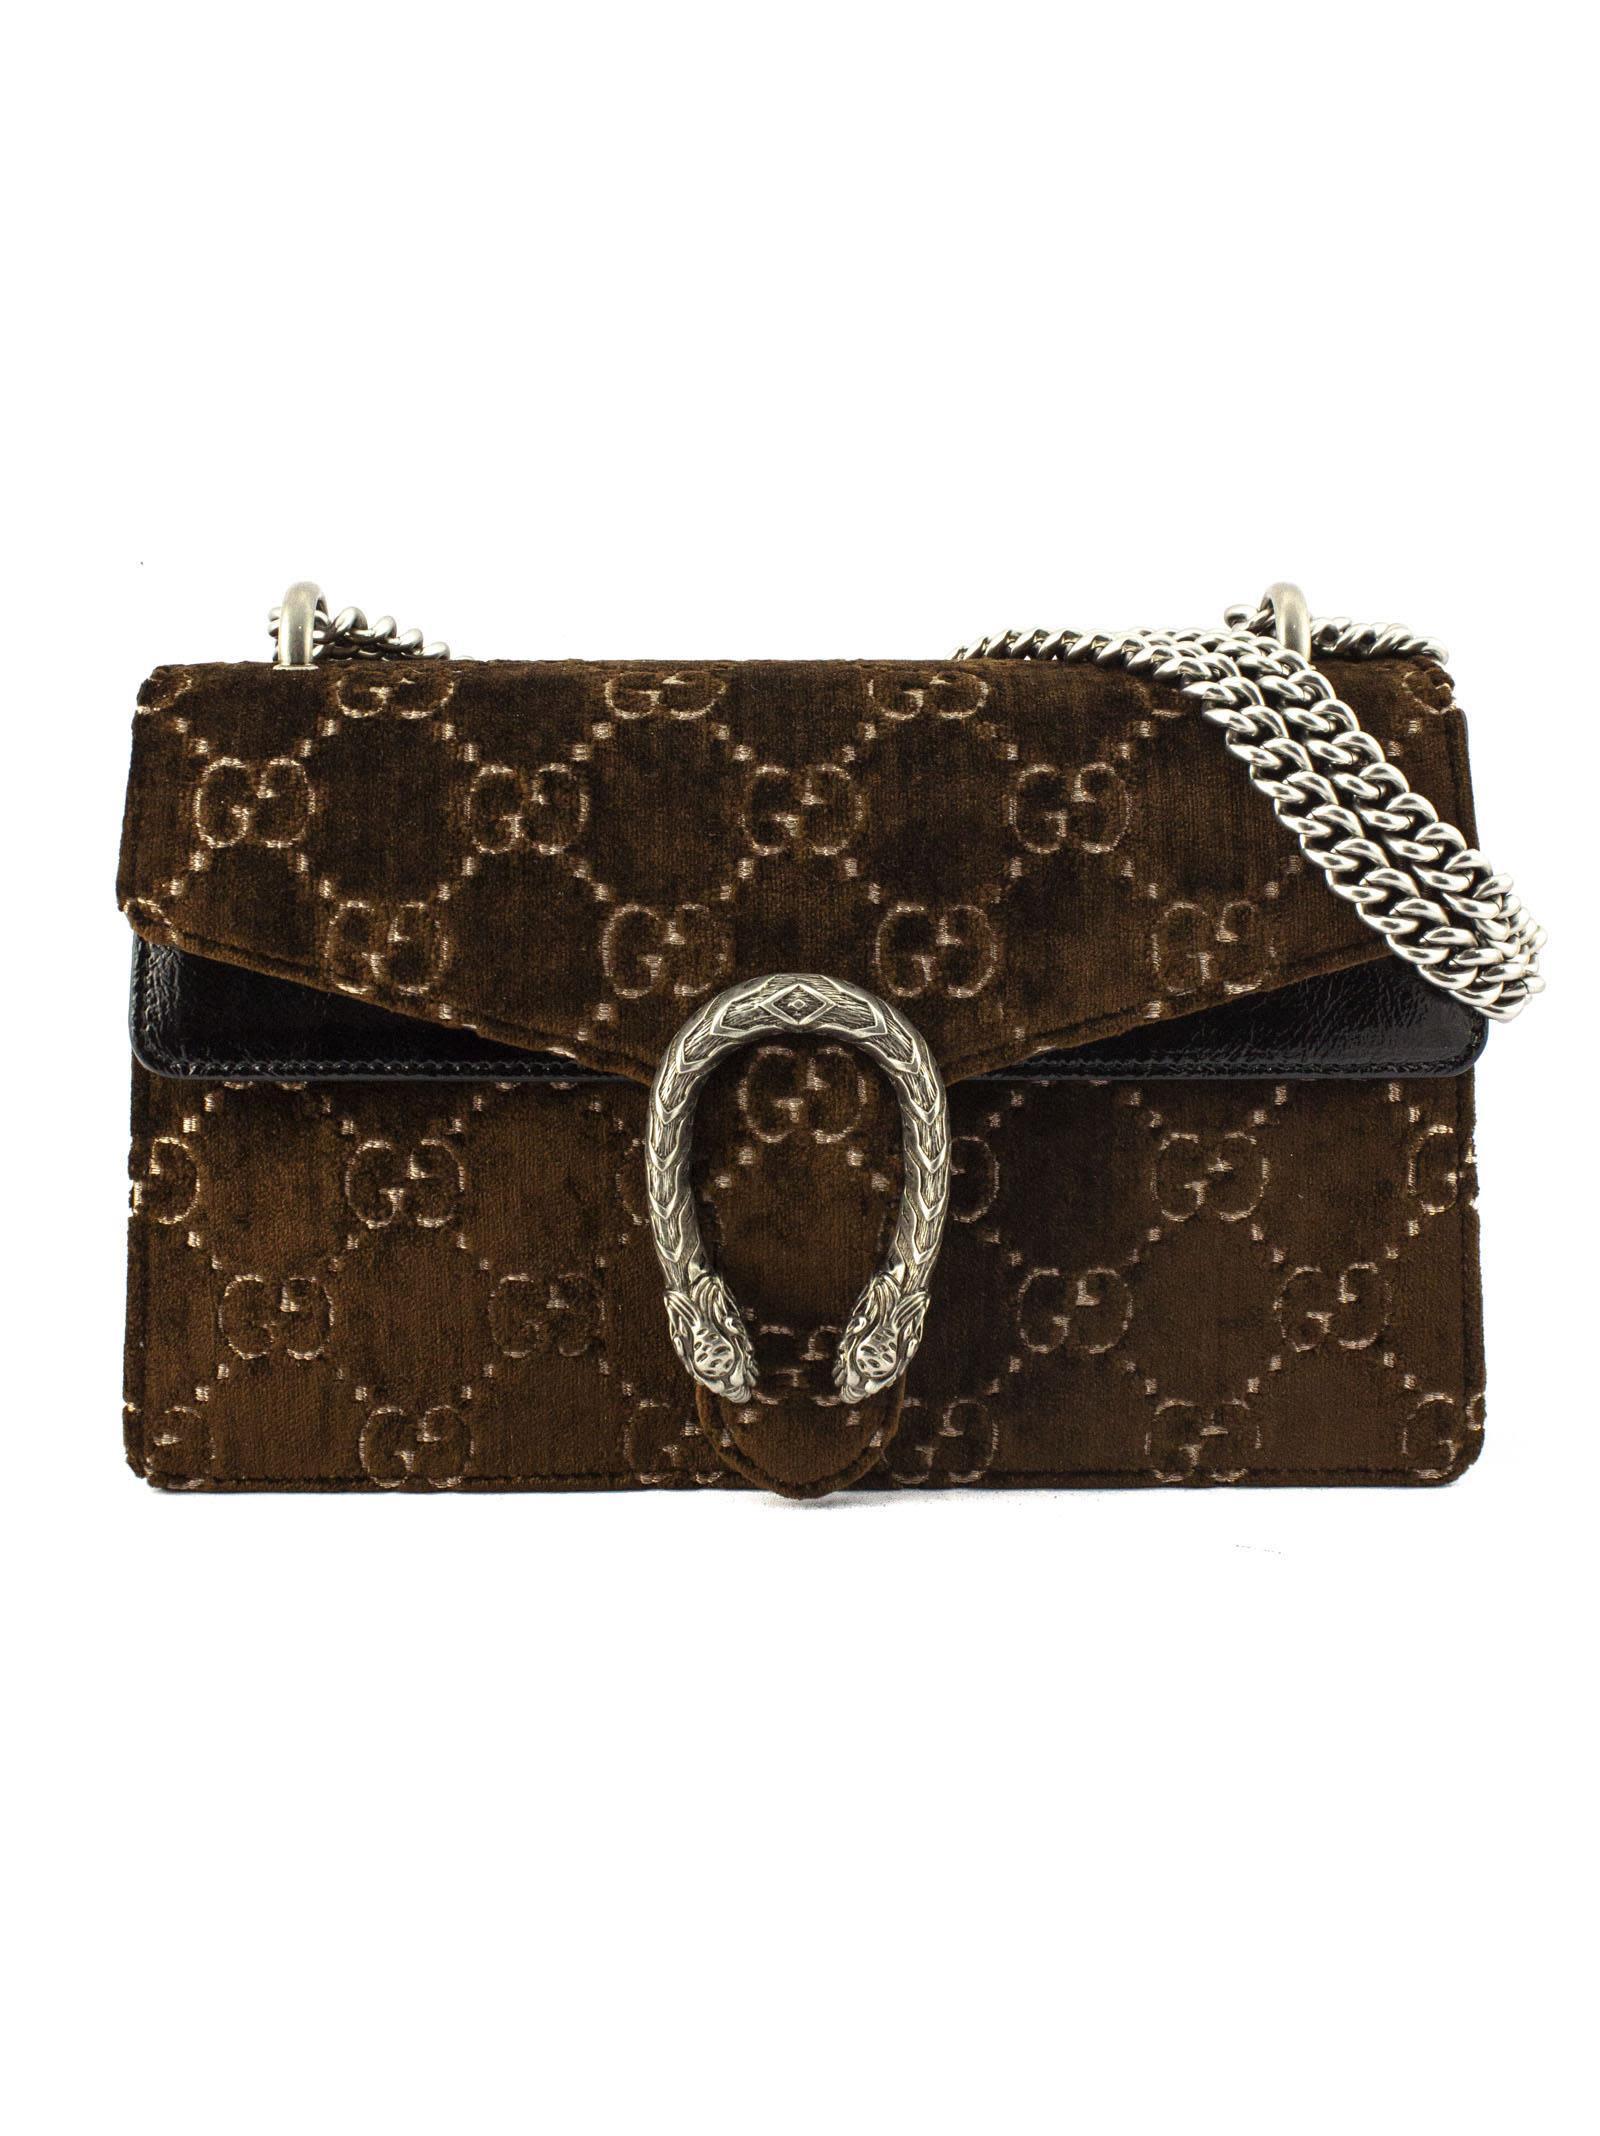 8e1bdf25e71 Gucci Gucci Brown Dionysus Gg Velvet Small Shoulder Bag - Marrone ...